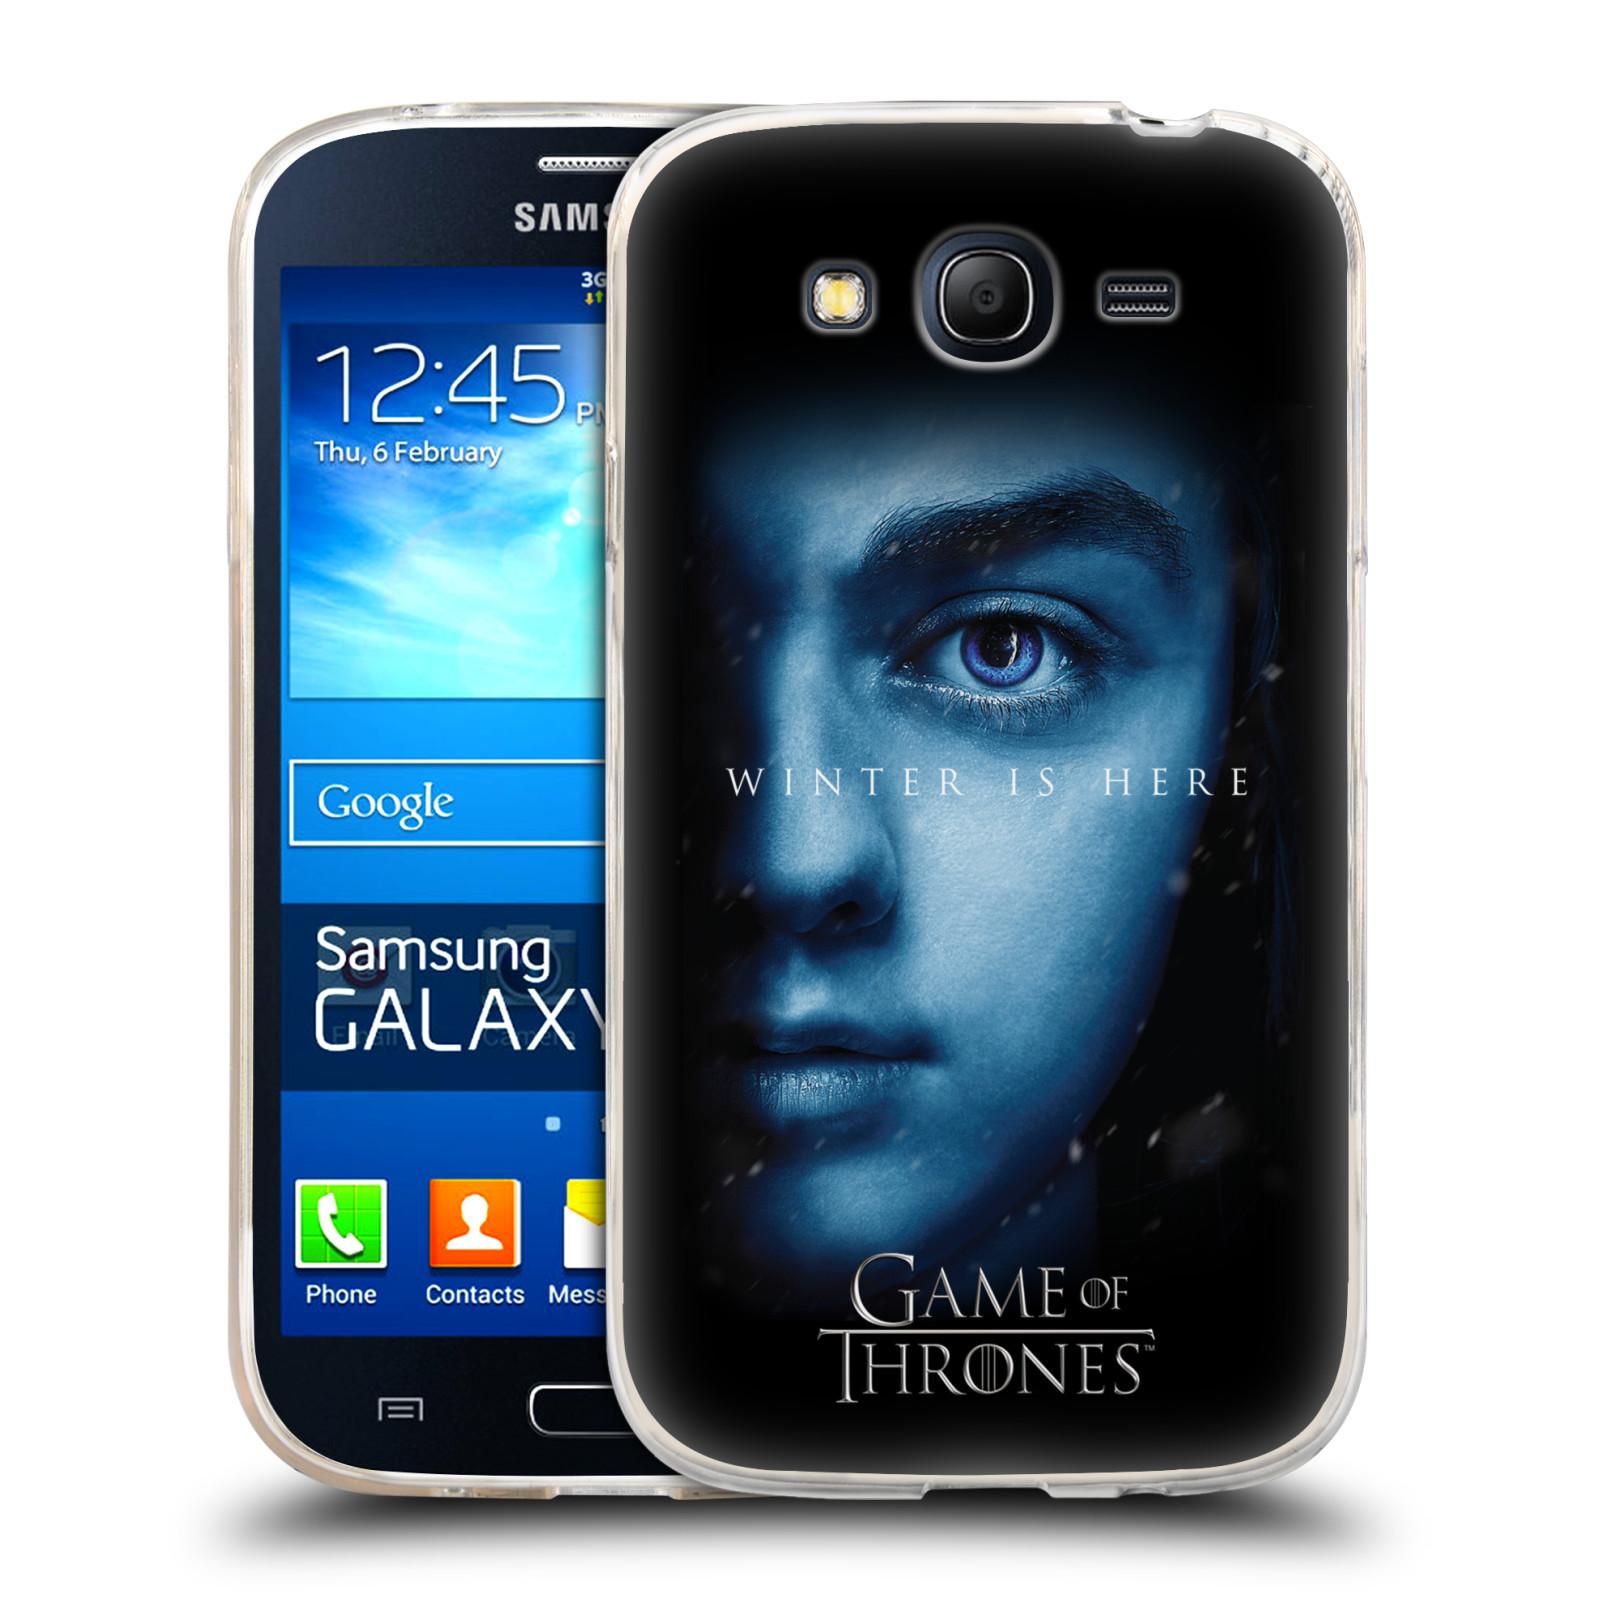 Silikonové pouzdro na mobil Samsung Galaxy Grand Neo Plus - Head Case - Hra o trůny - Arya Stark - Winter is here (Silikonový kryt či obal na mobilní telefon s motivem Game of Thrones - Arya Stark - Winter is here - Season 7 pro Samsung Galaxy Grand Neo P